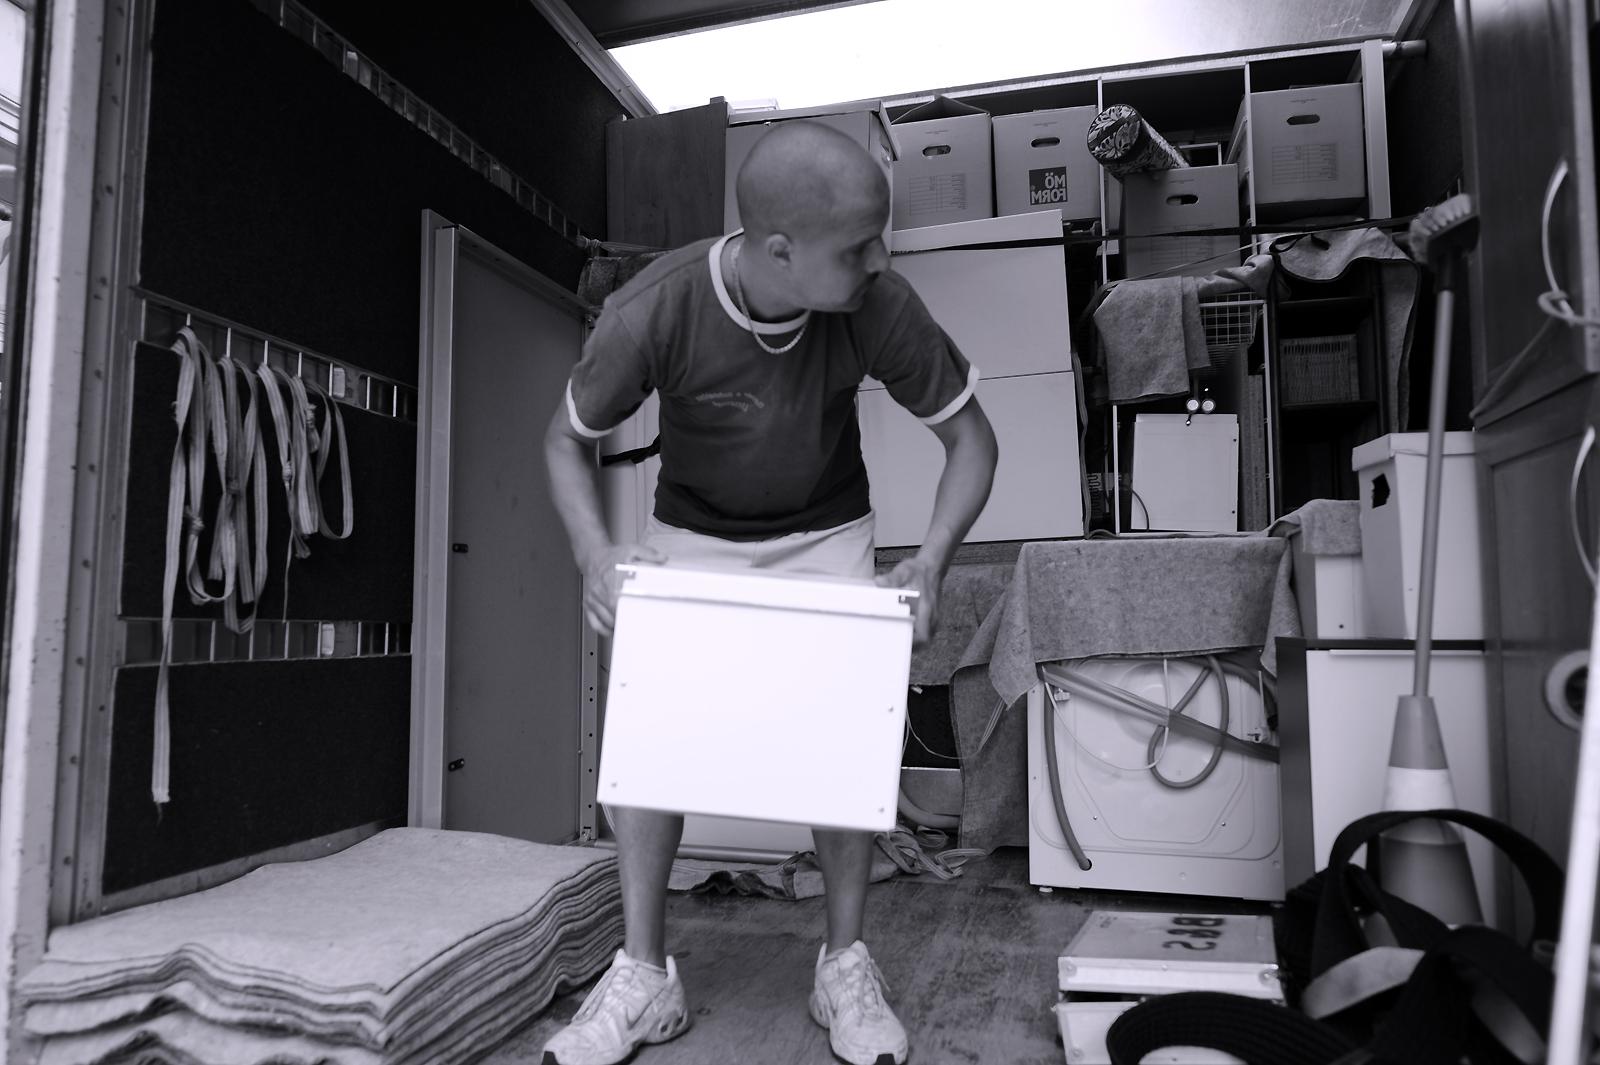 umzug fr hbucherrabatt gibt es auch bei der lkw vermietung umzug ag pressemitteilung. Black Bedroom Furniture Sets. Home Design Ideas